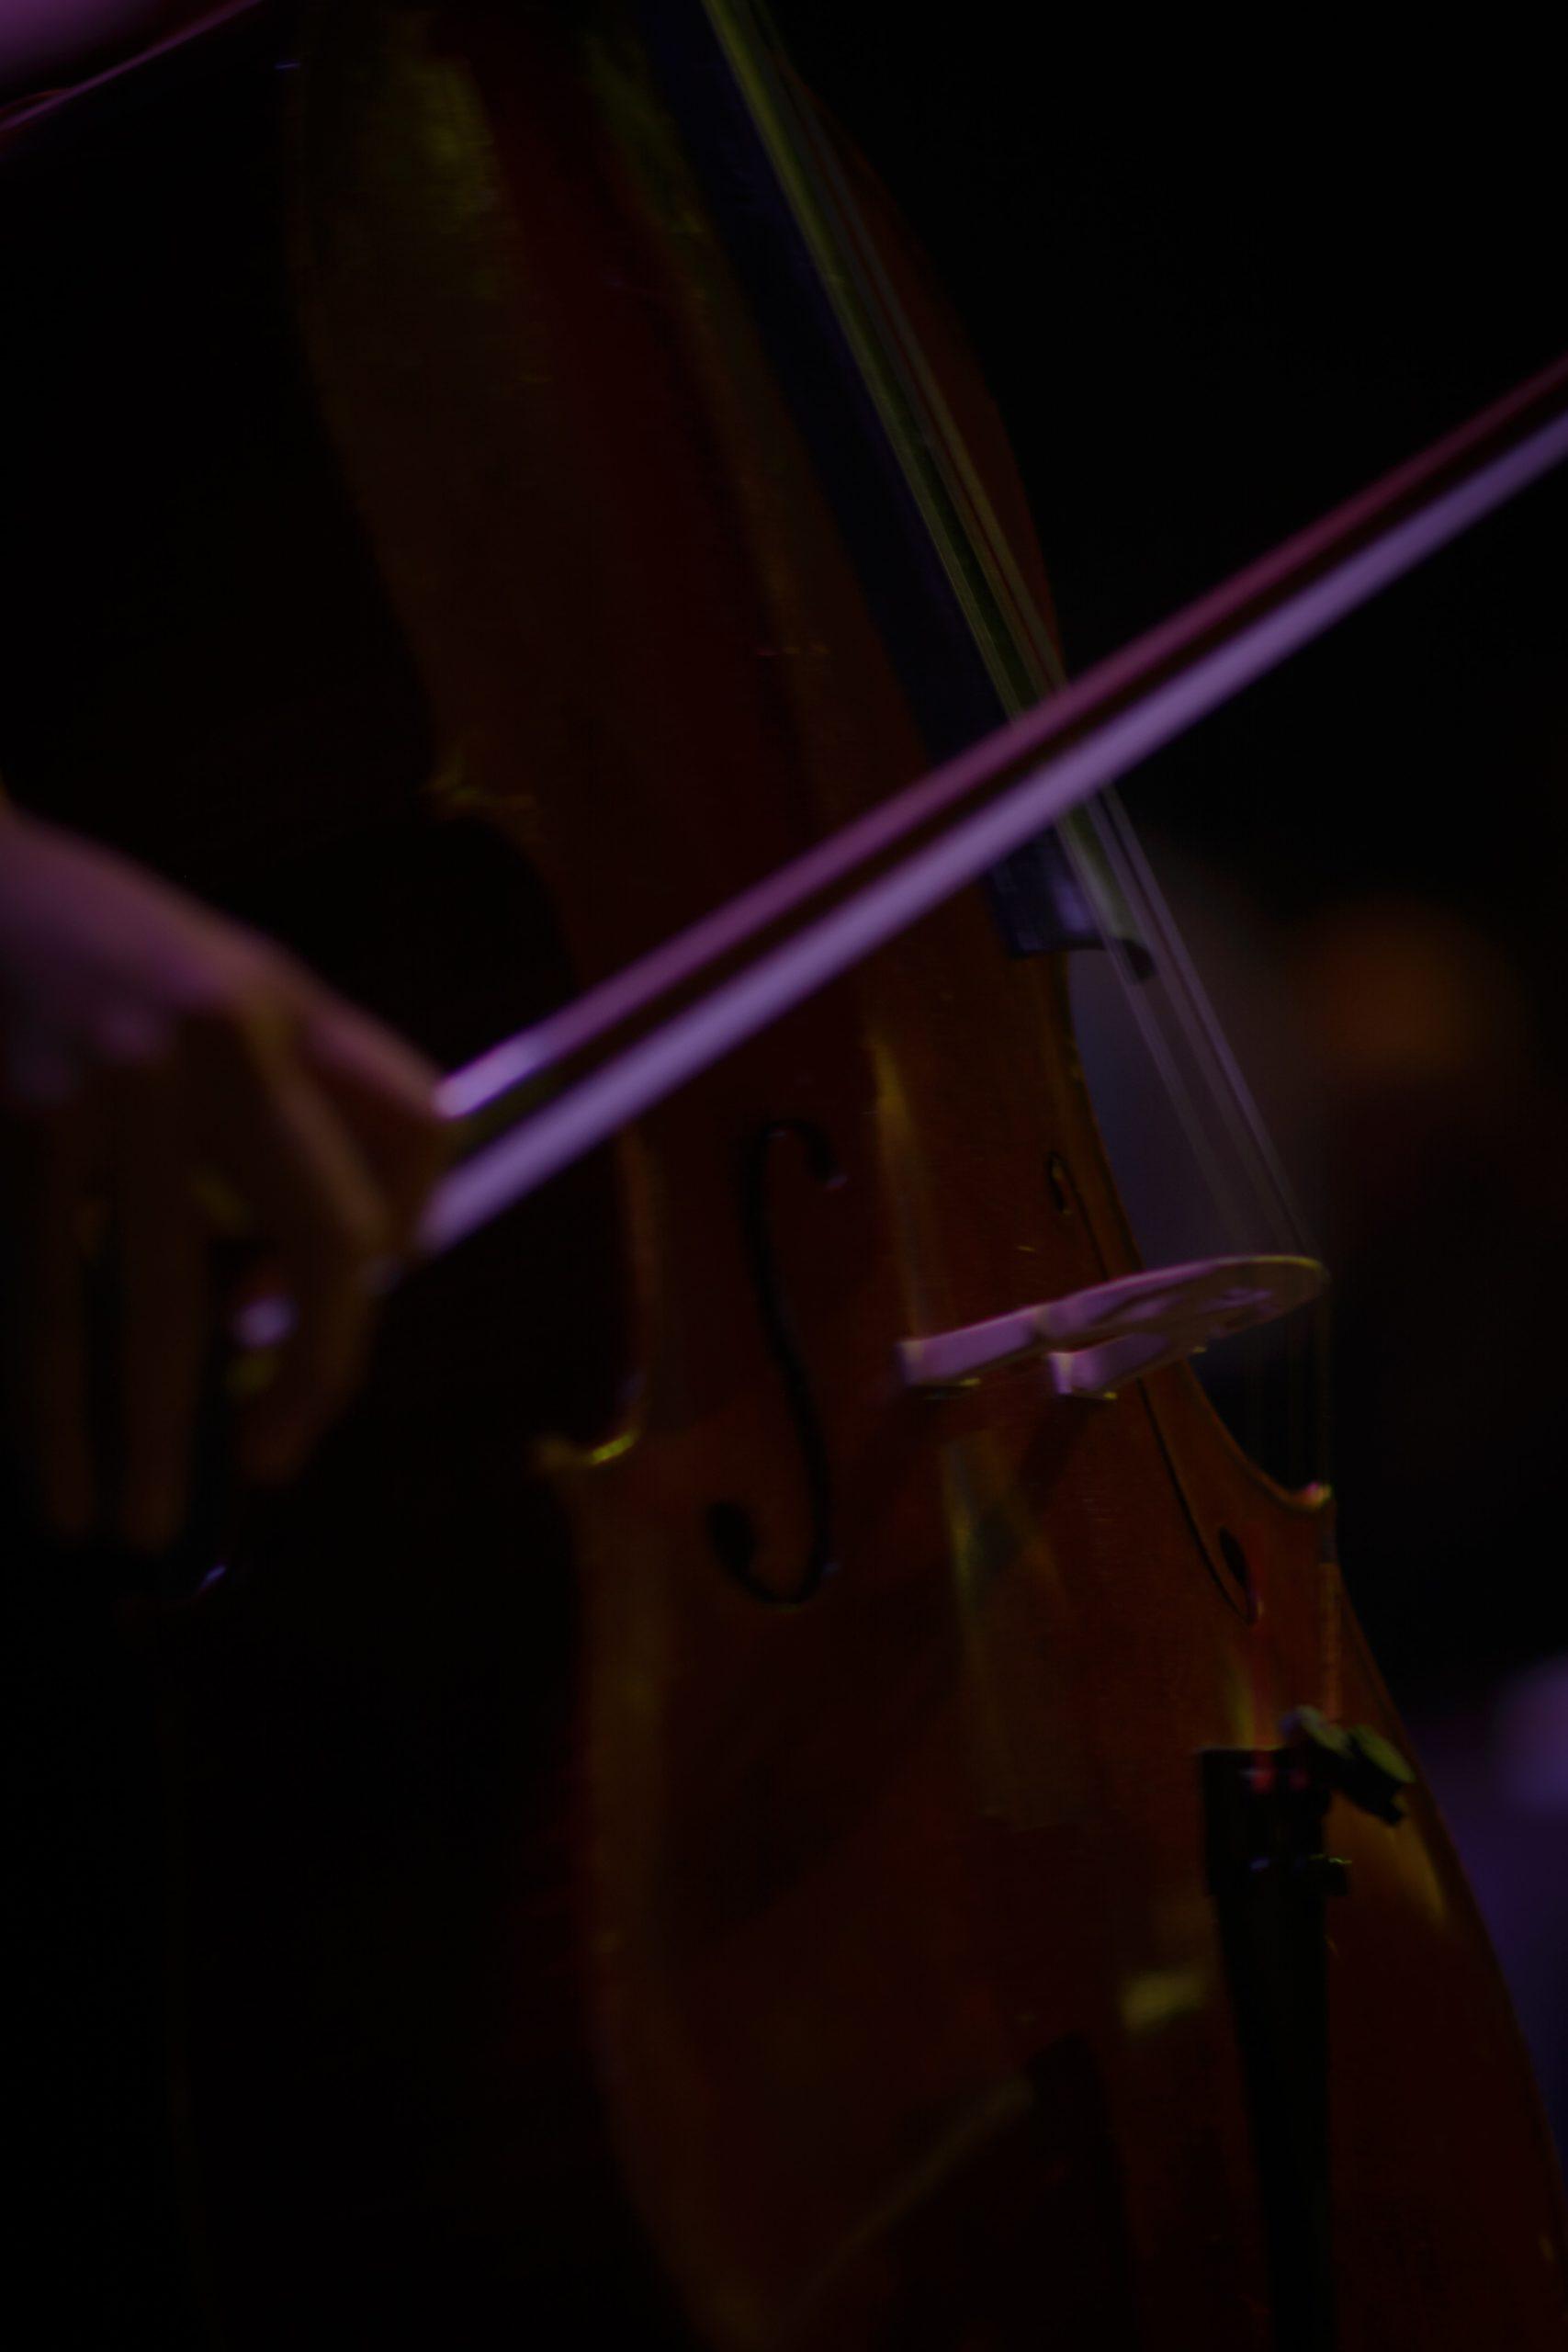 POUR PIECE DE THEATRE RECHERCHE MUSICIEN BASSE OU VIOLONCELLE